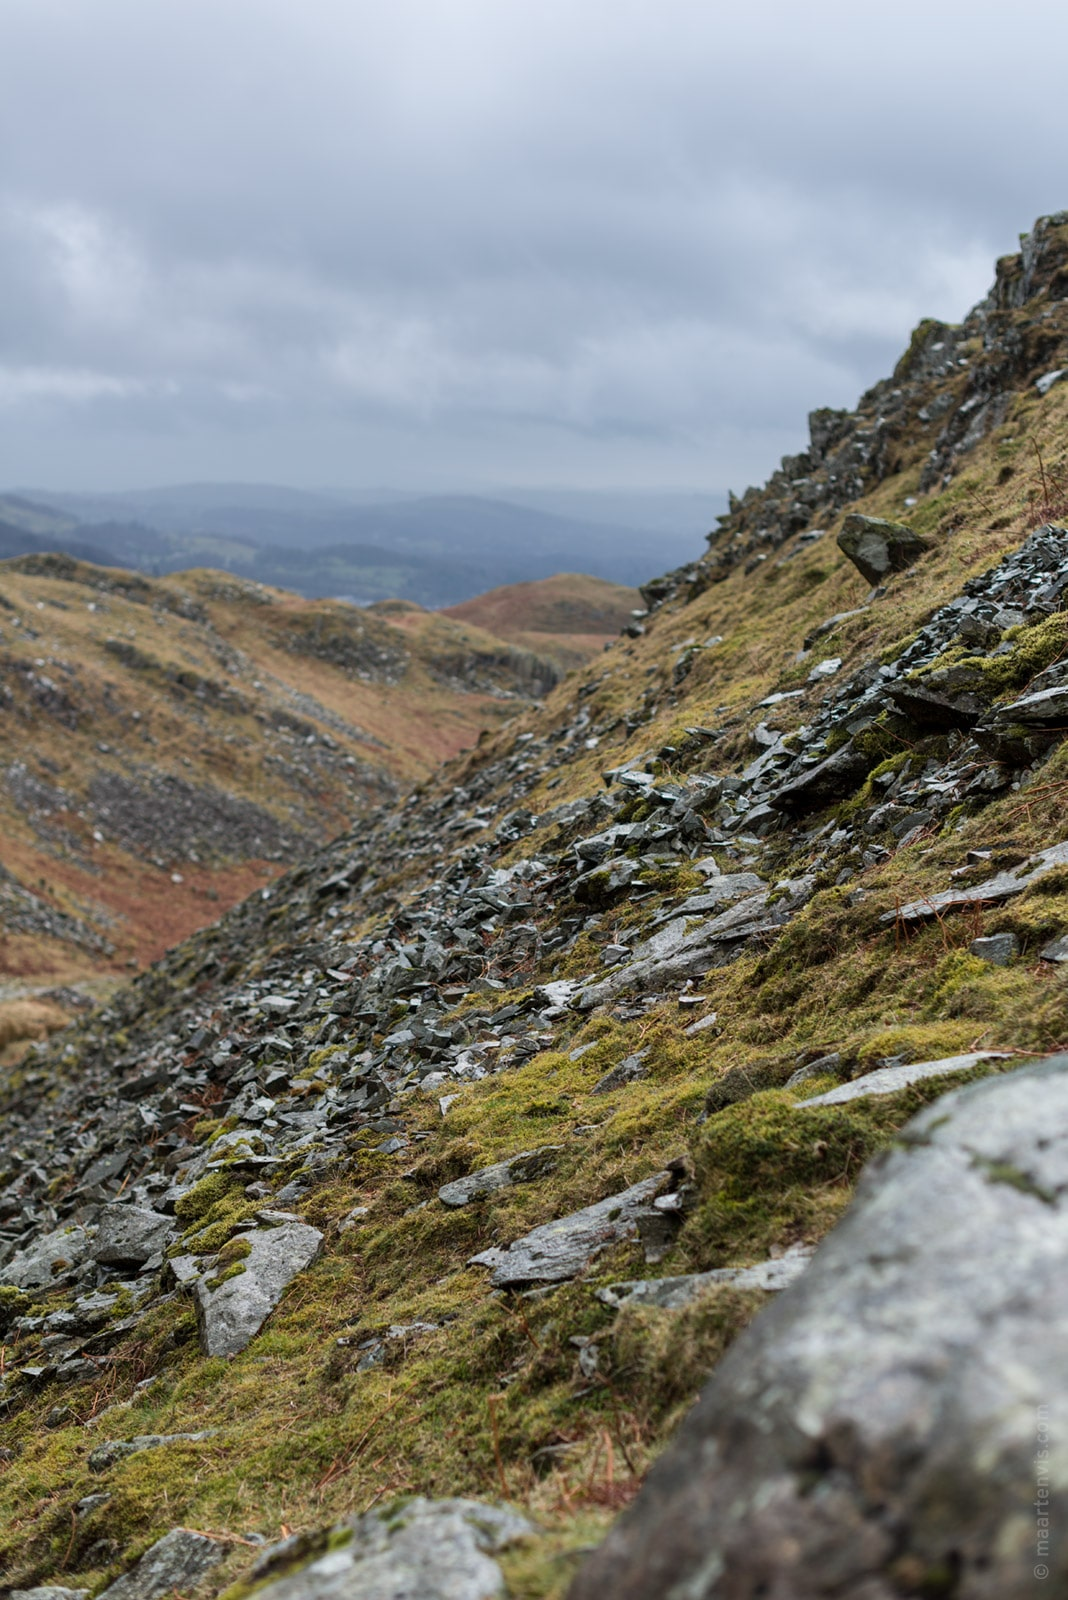 20160327 8669 - Lake District Hiking